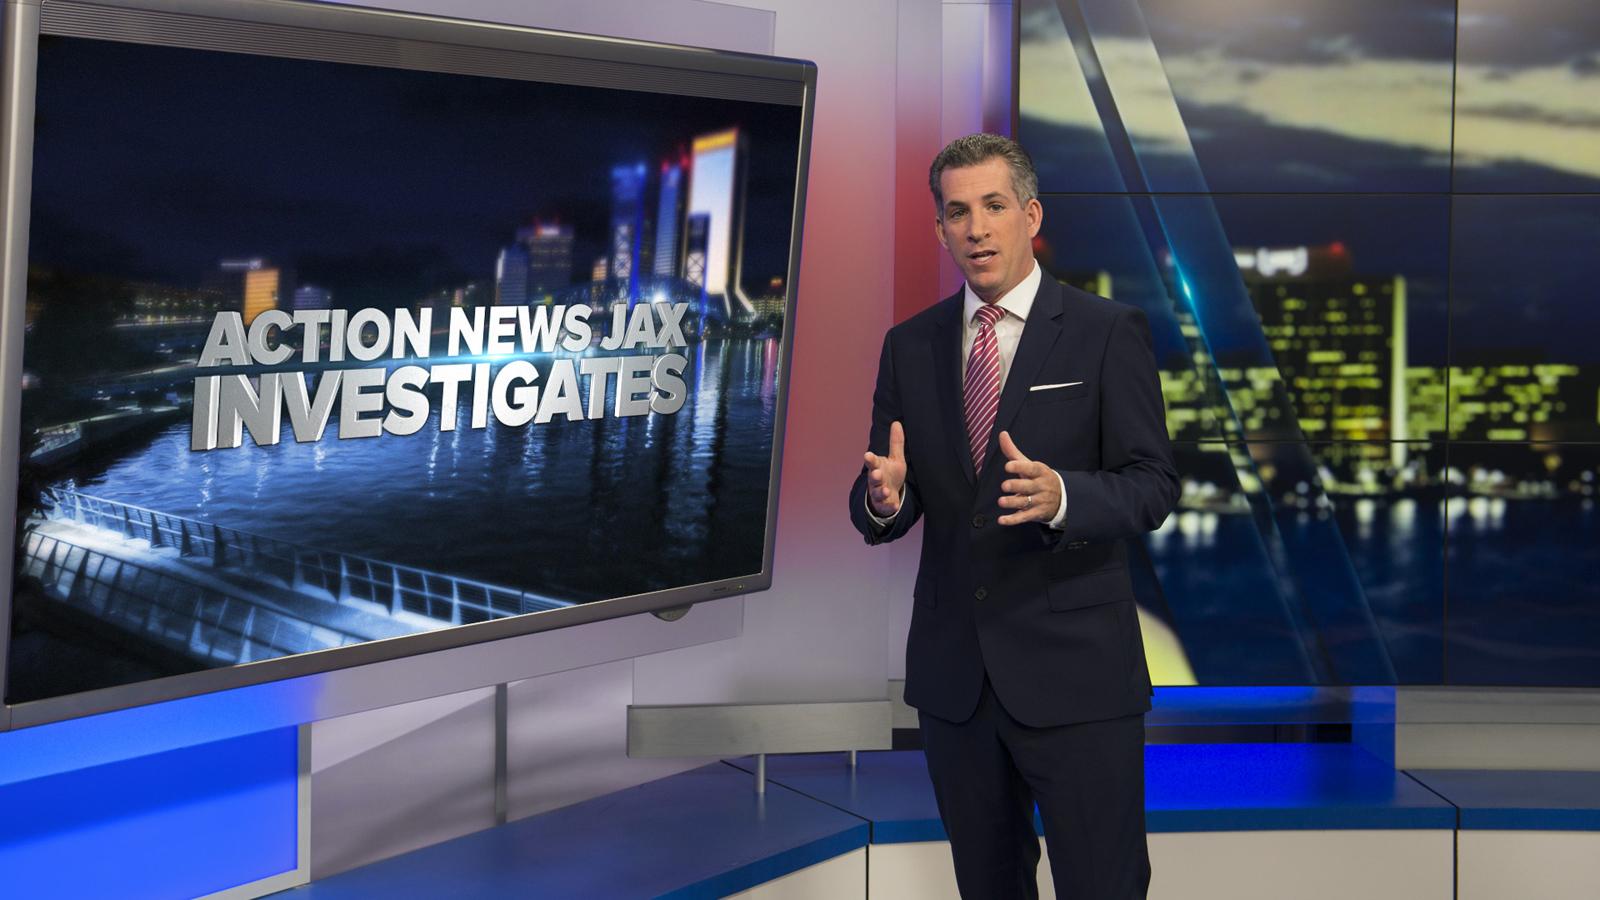 ncs_action-news-jax-tv-studio-wjax_0011